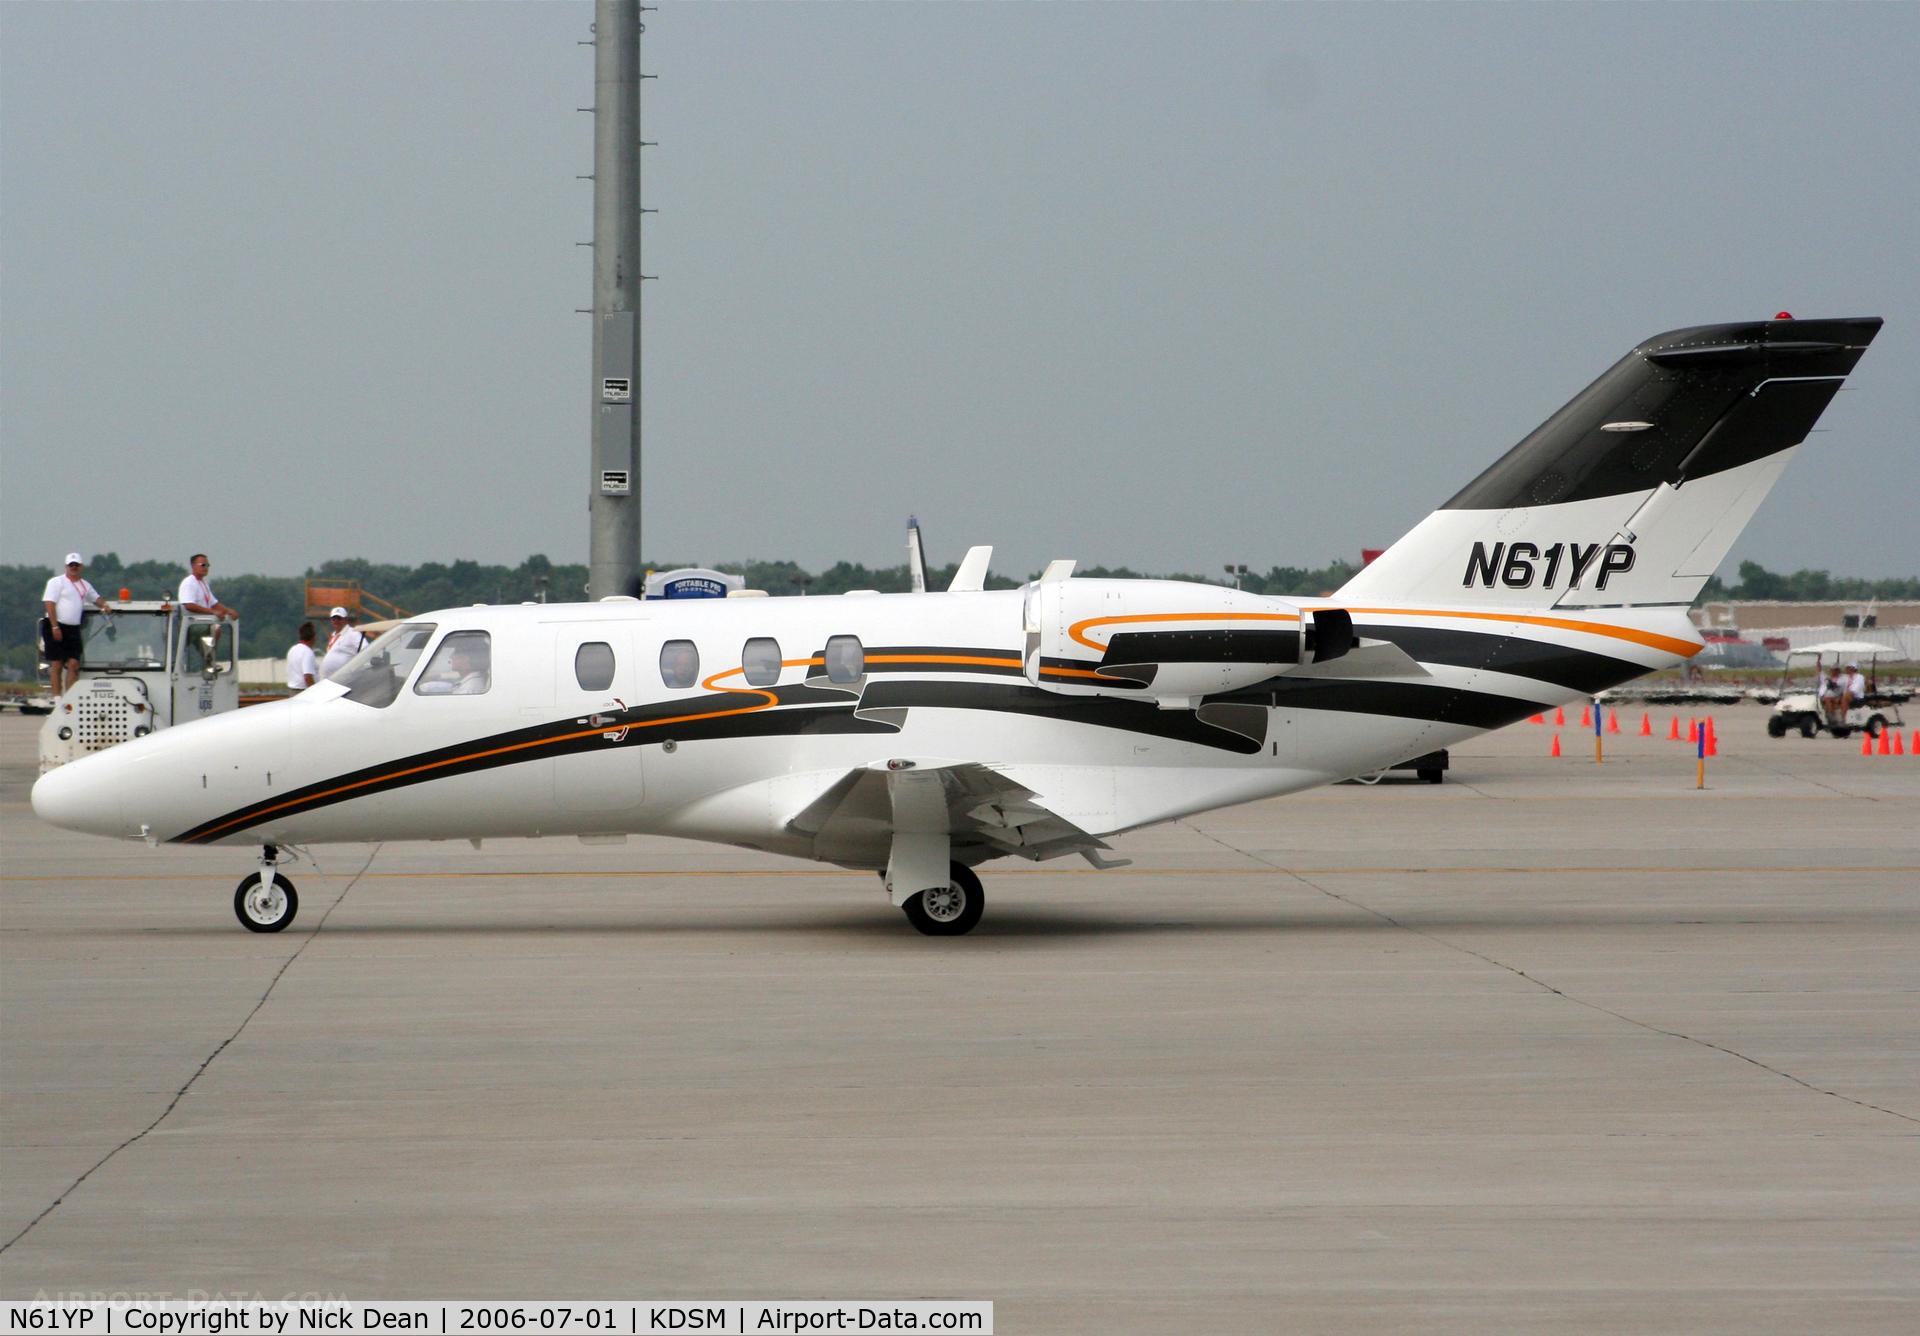 N61YP, 1998 Cessna 525 C/N 525-0237, KDSM